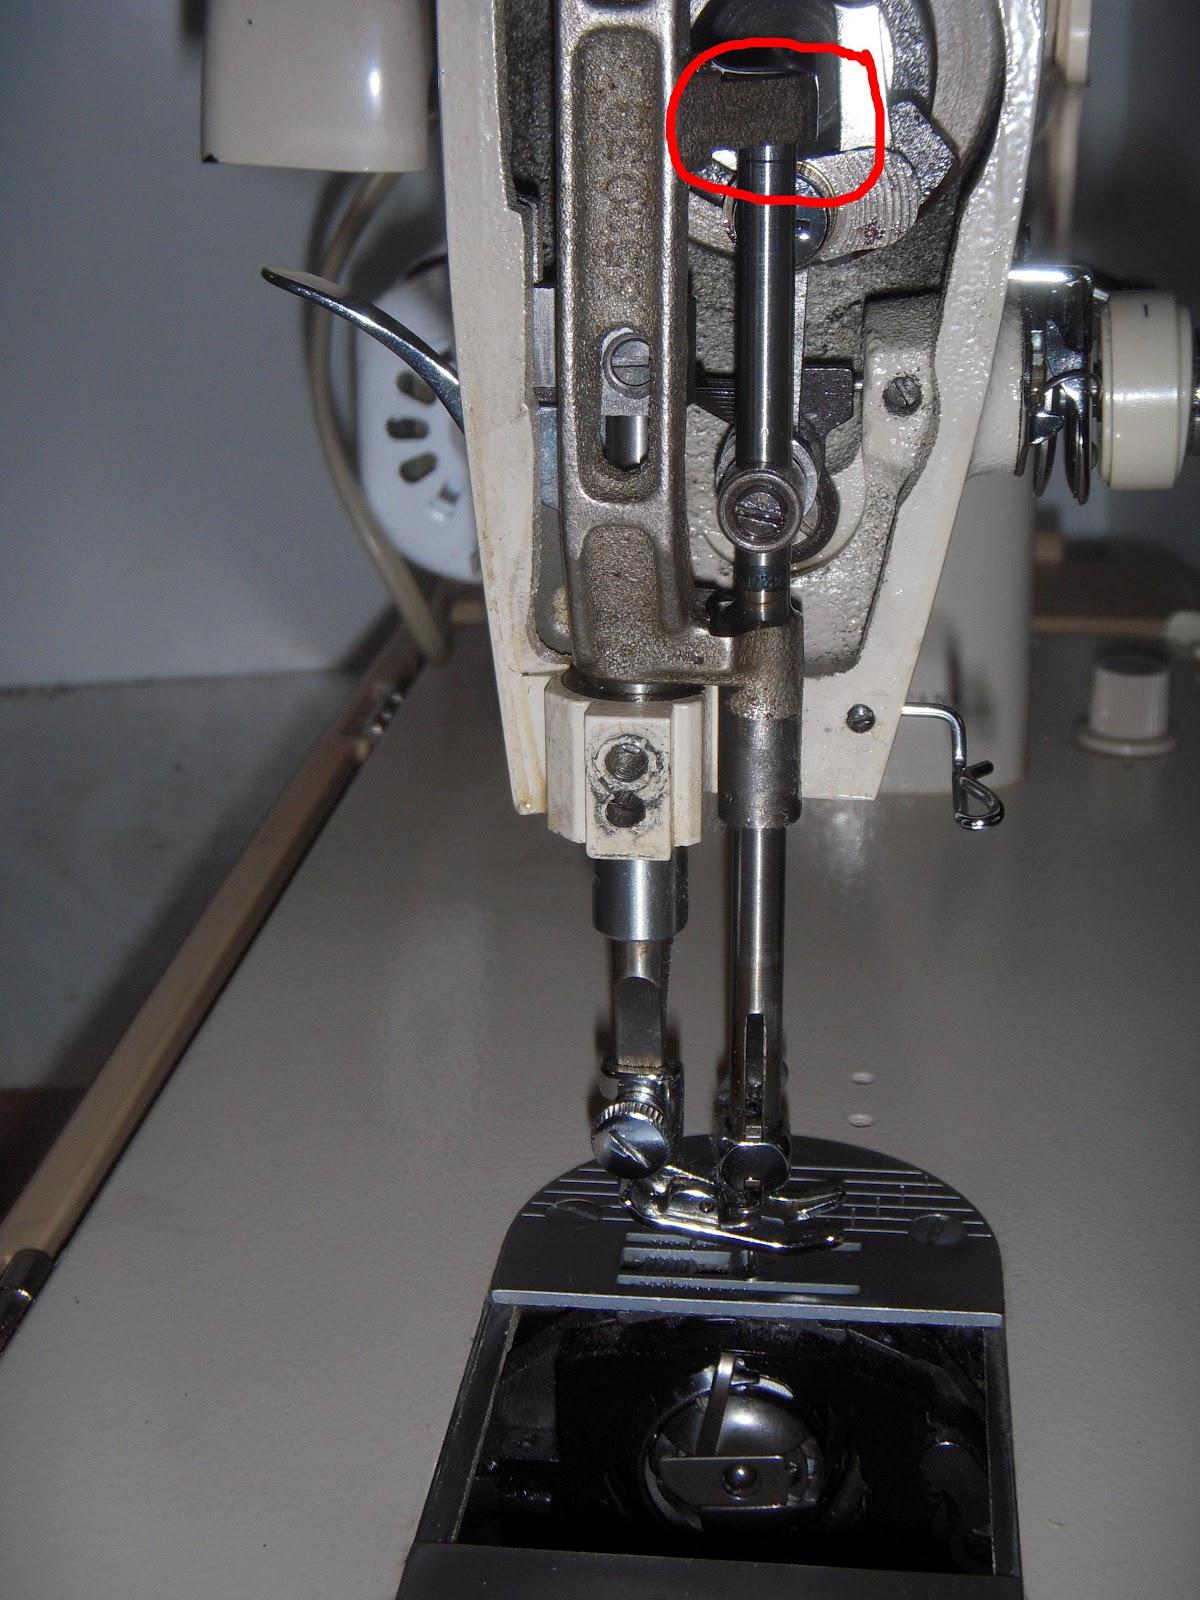 Maquinas de Coser: Ajuste aguja con lanzadera en Singer